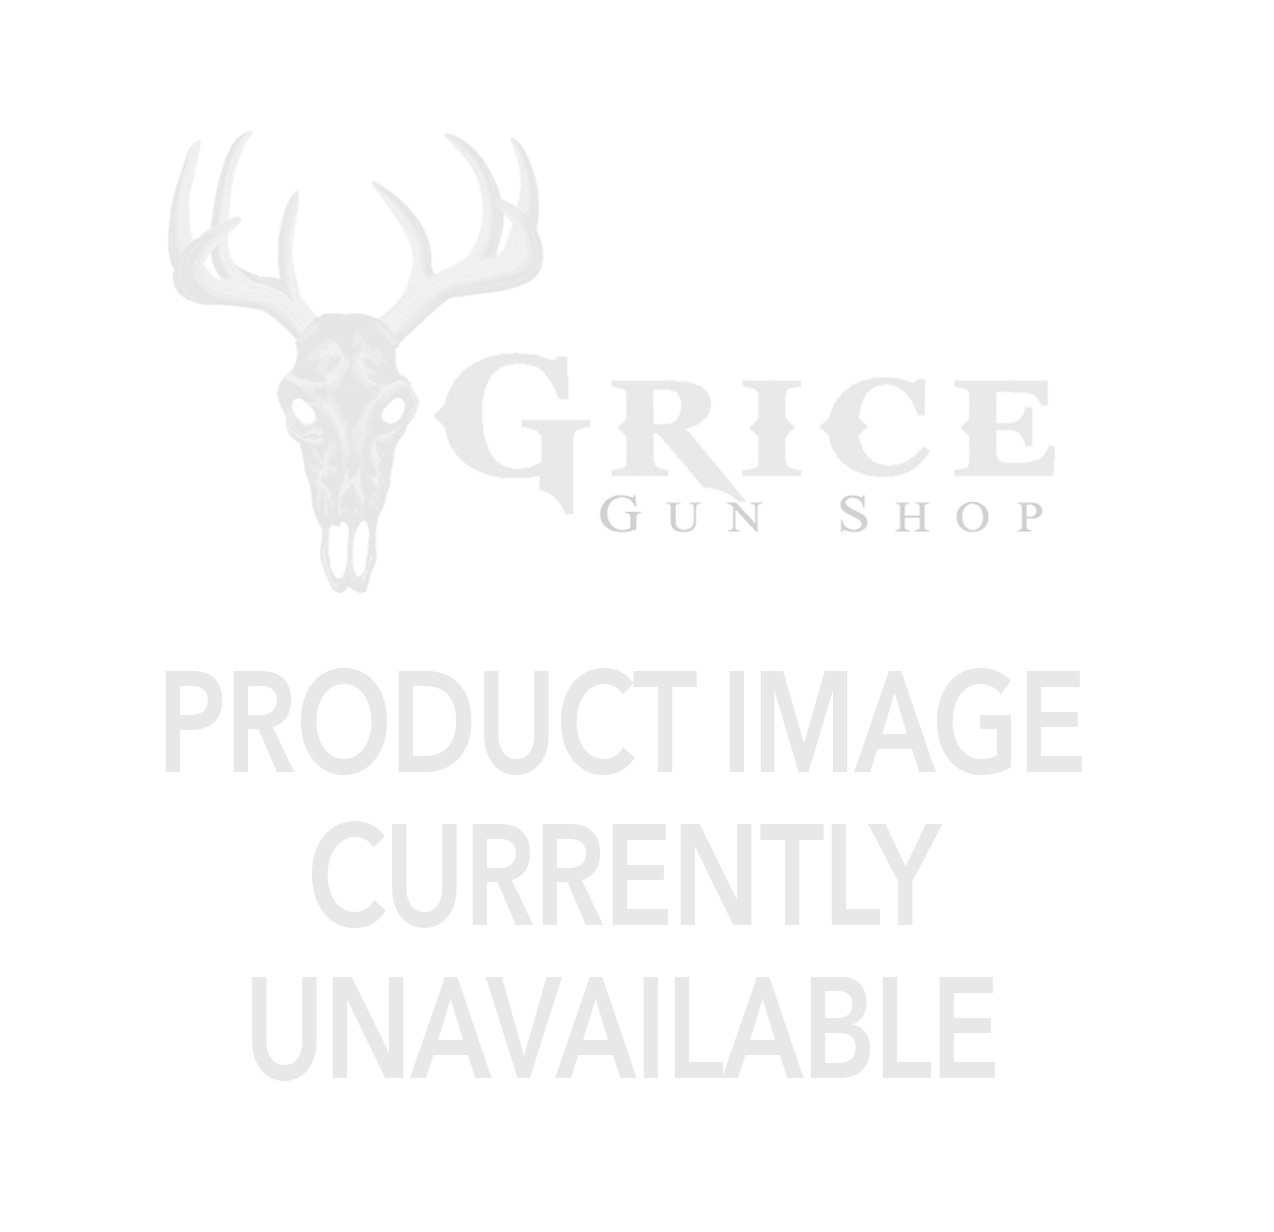 TRUGLO - Target Handgun Diag 12x12 6pk